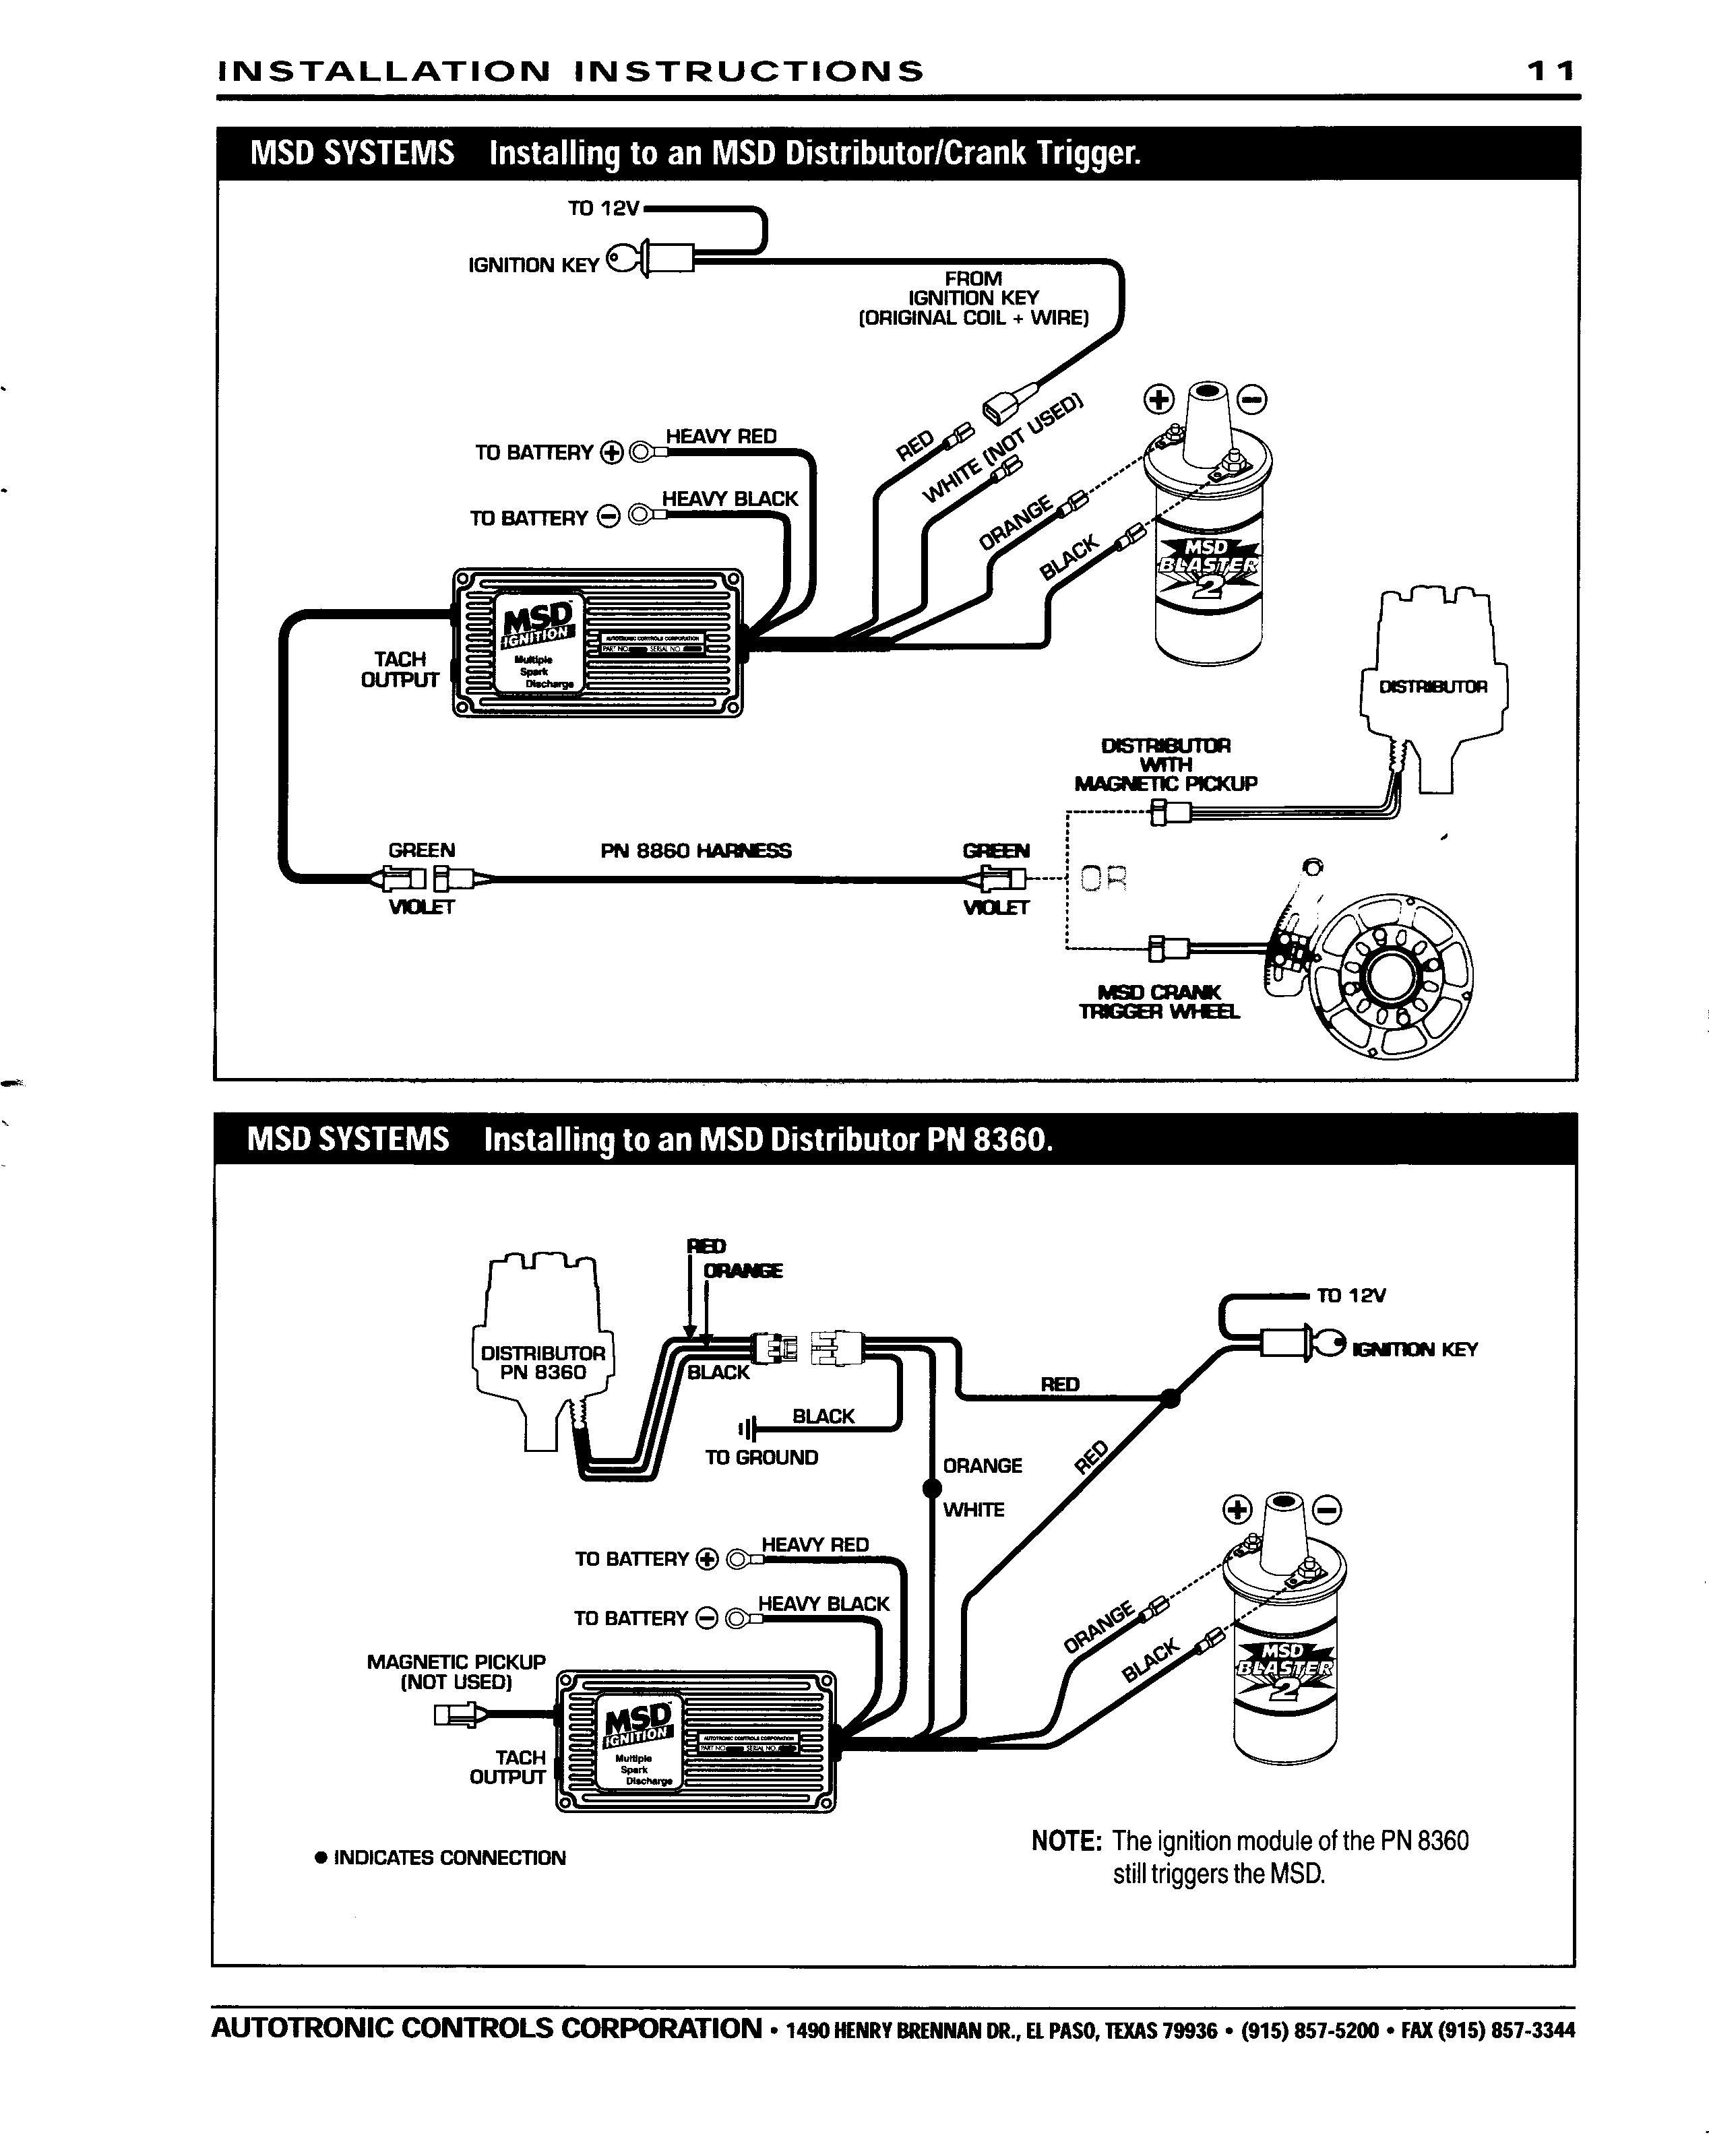 ford 460 msd 7al wiring diagram rw 9601  msd ignition wiring diagrams  rw 9601  msd ignition wiring diagrams